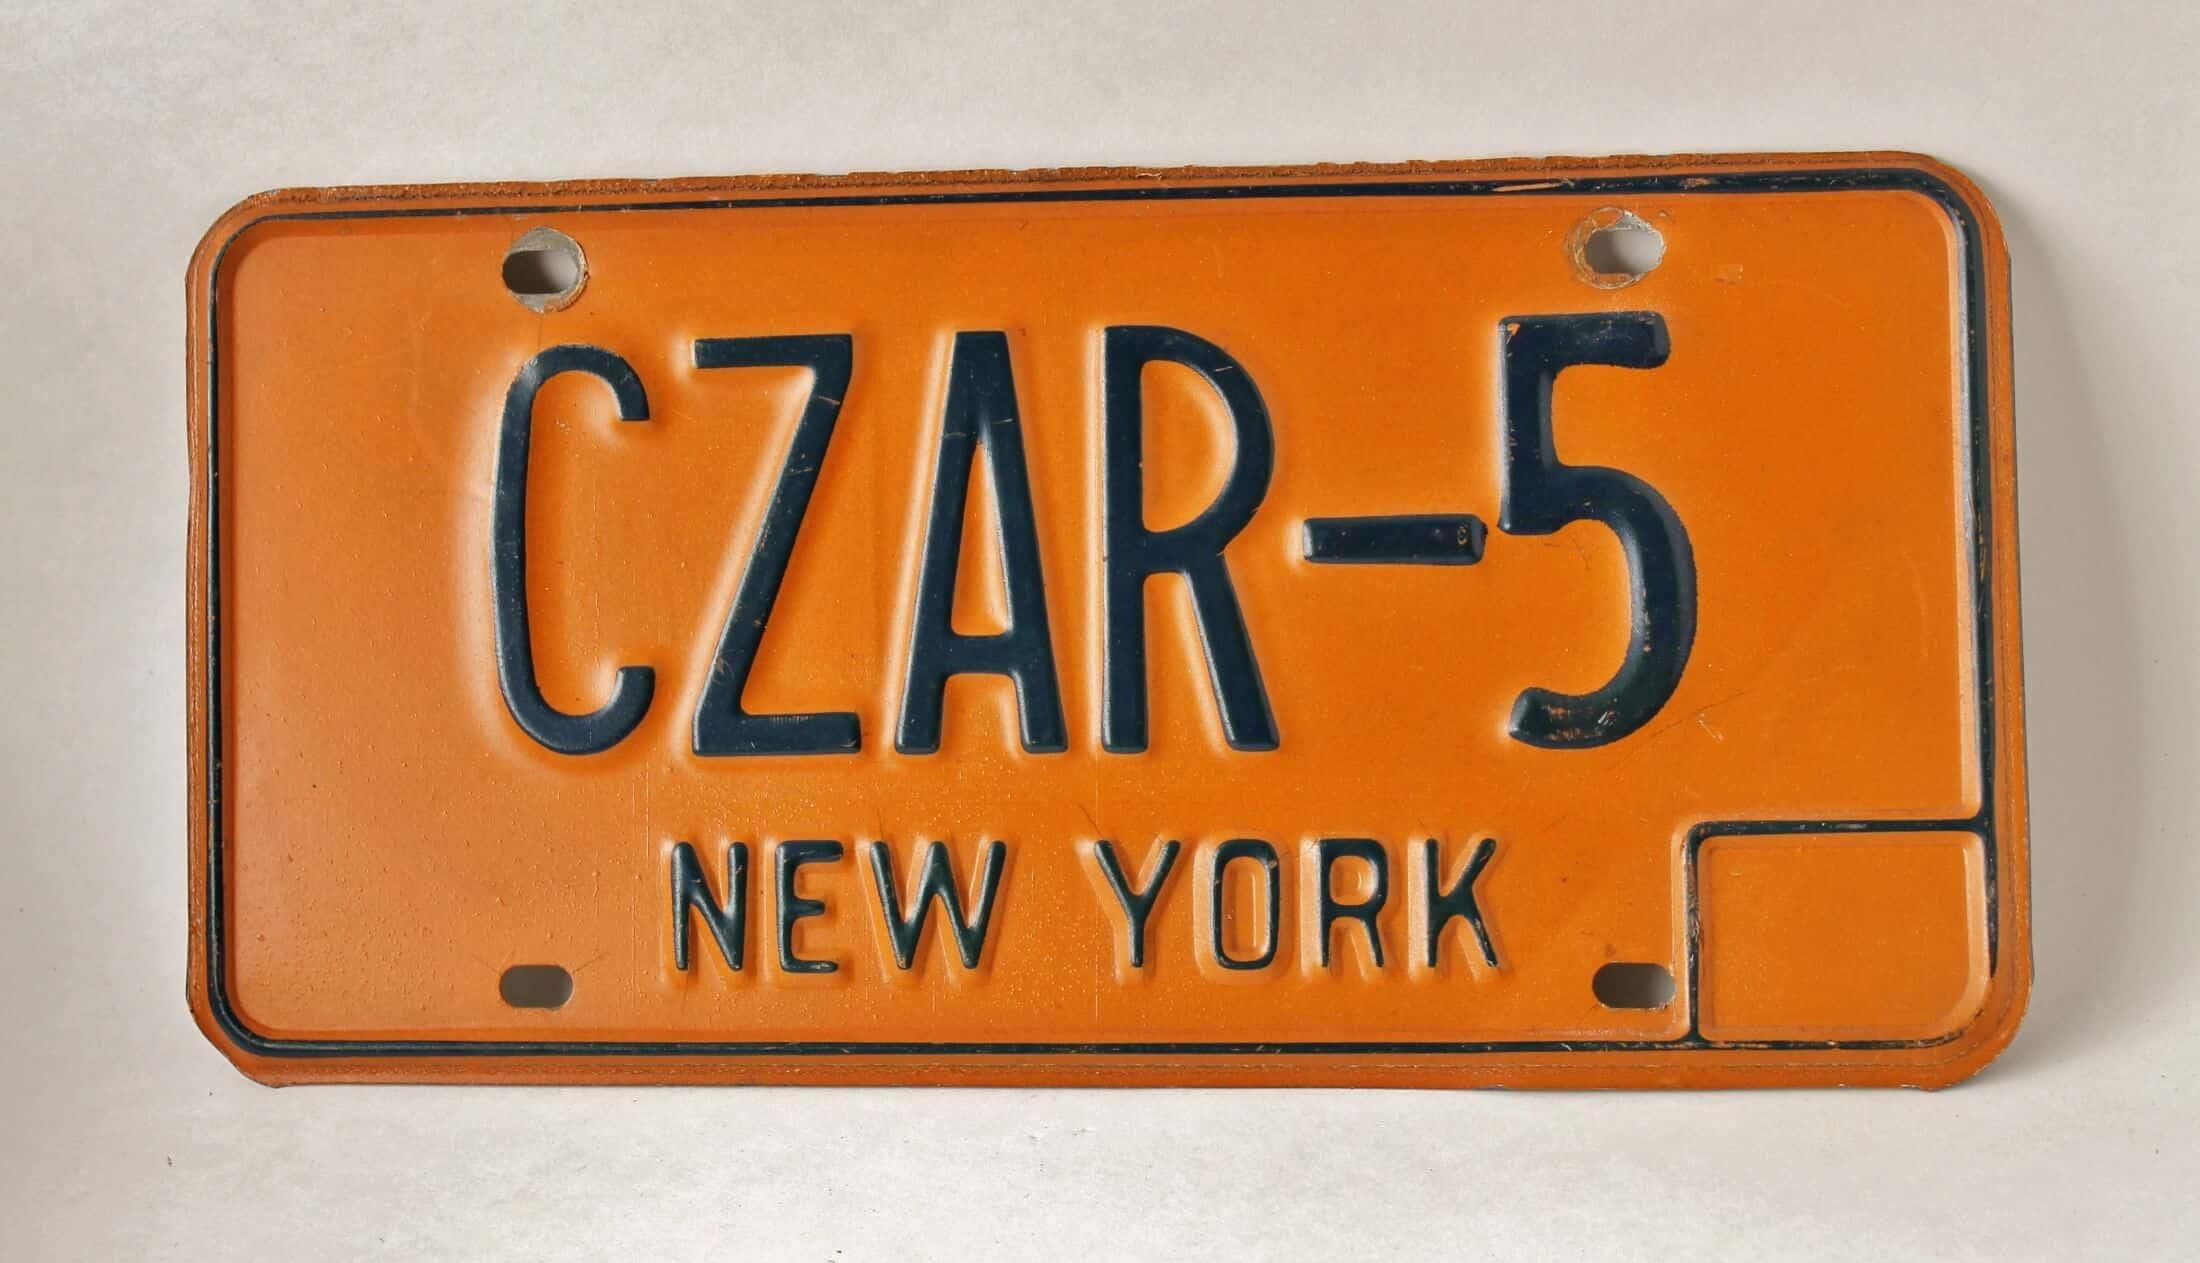 vintage NY License plate: Czar-5